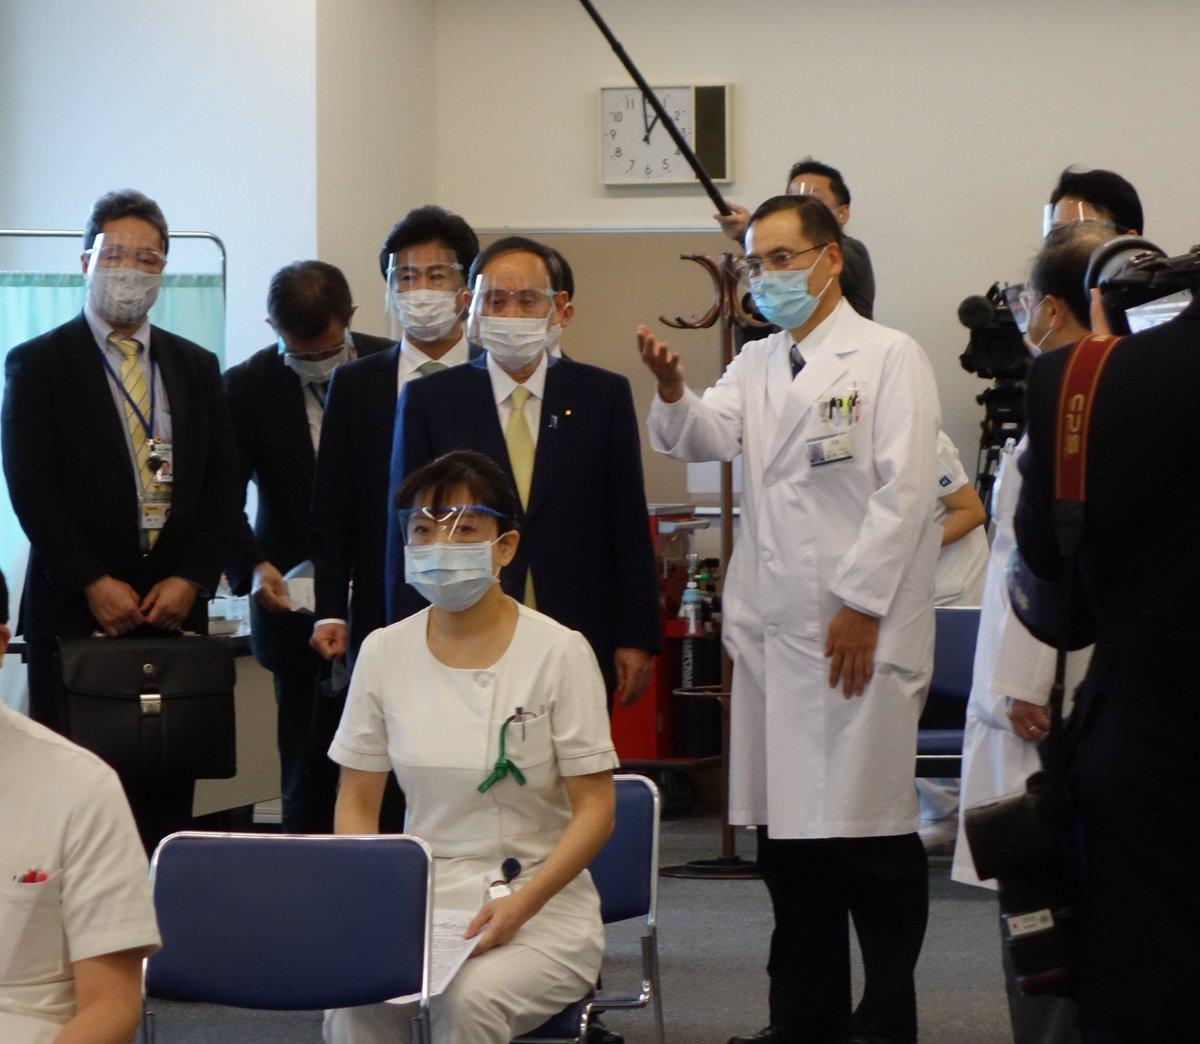 機構 センター 医療 病院 東京 国立 国立病院機構東京医療センター